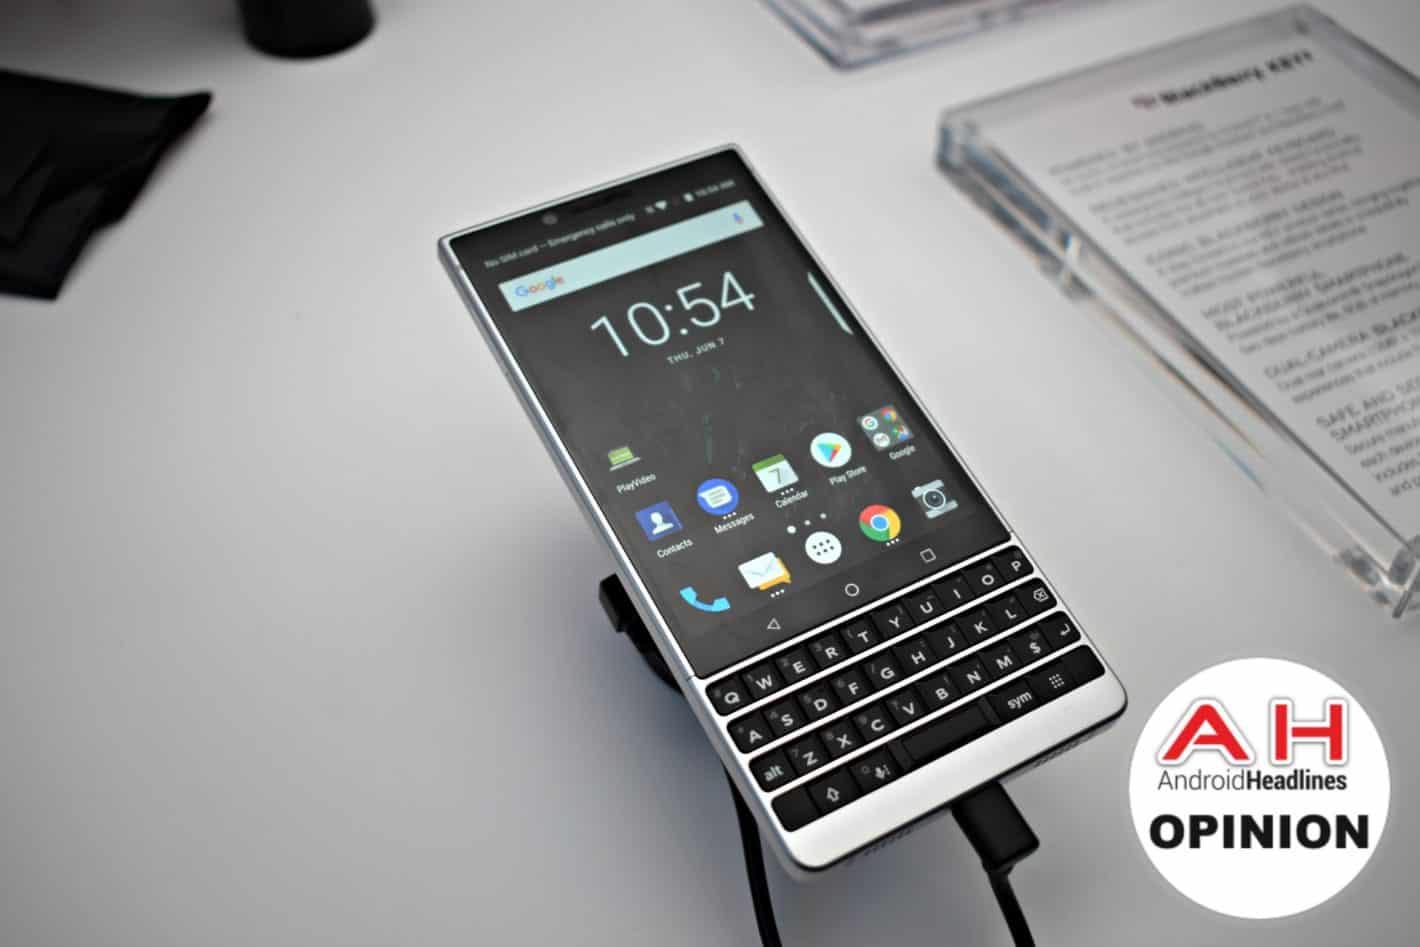 BlackBerry KEY2 Opinion AH 01